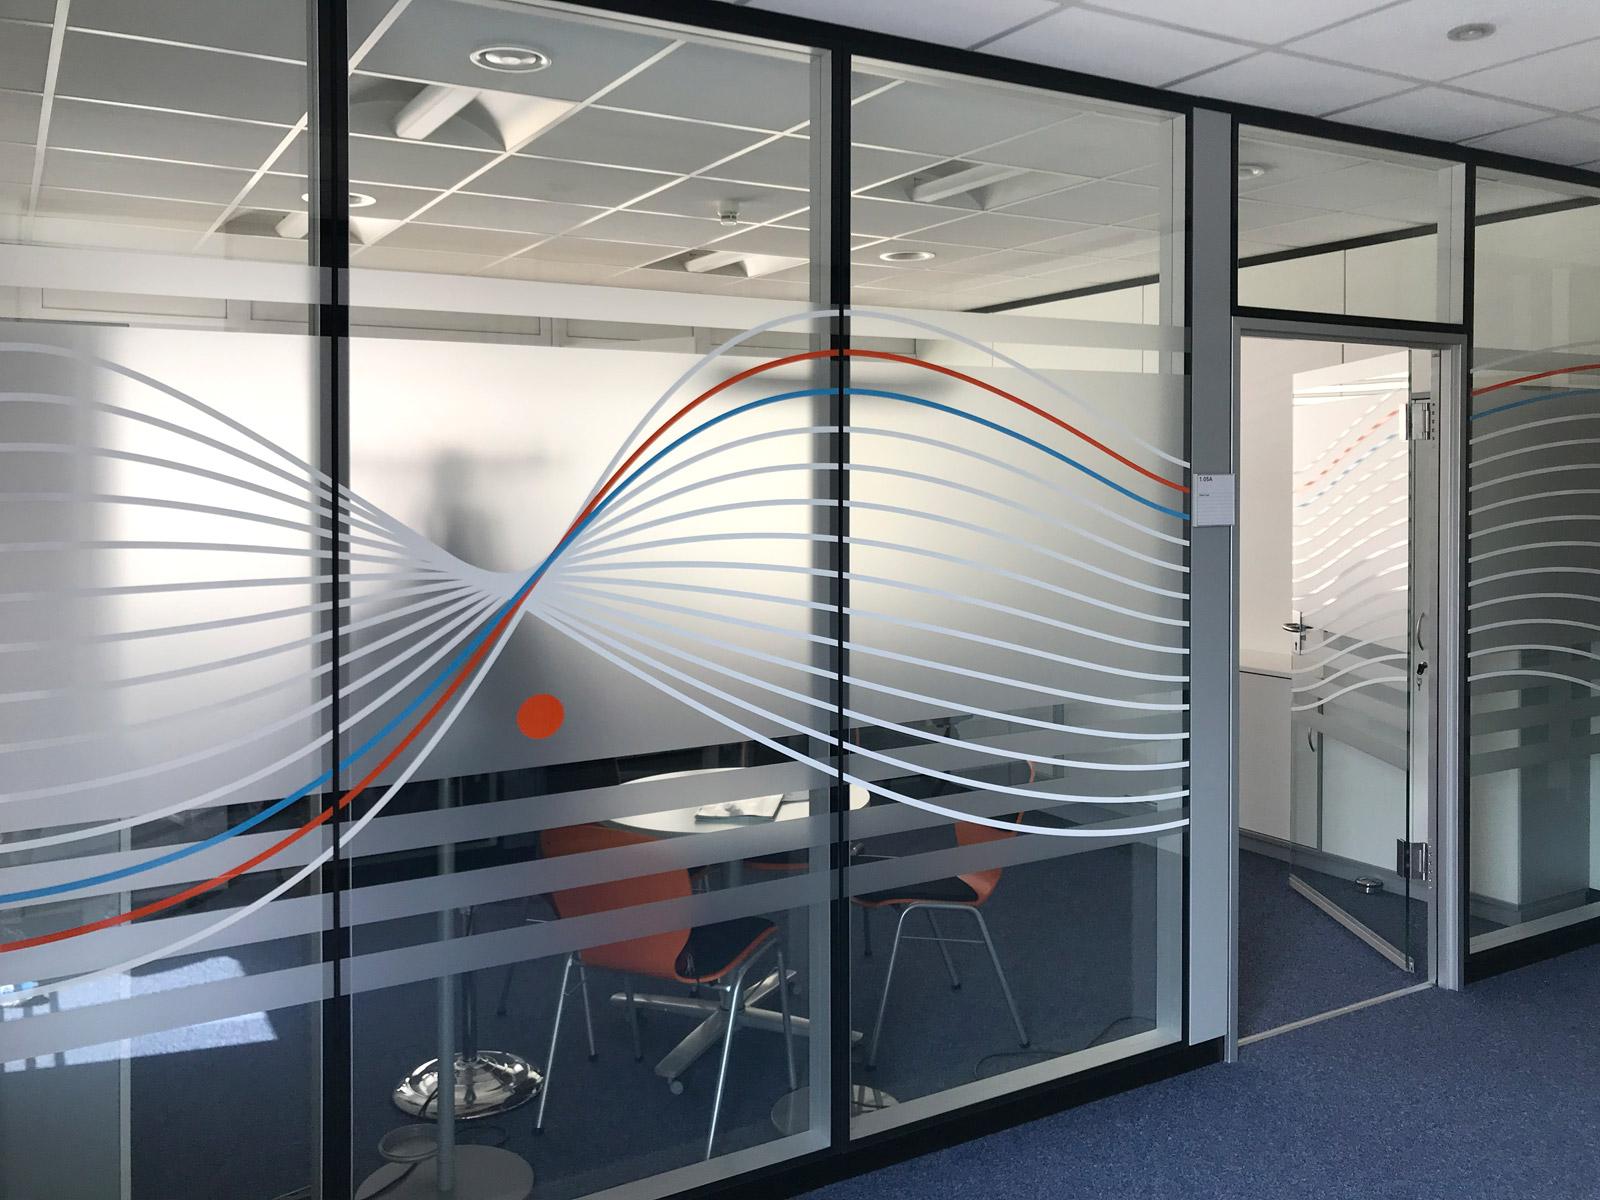 Sichtschutzfolierung aus Milchglasfolie mit darauf geklebten farbigem Muster auf einer Glasfront in Büroräumlichkeiten der Firma isyst